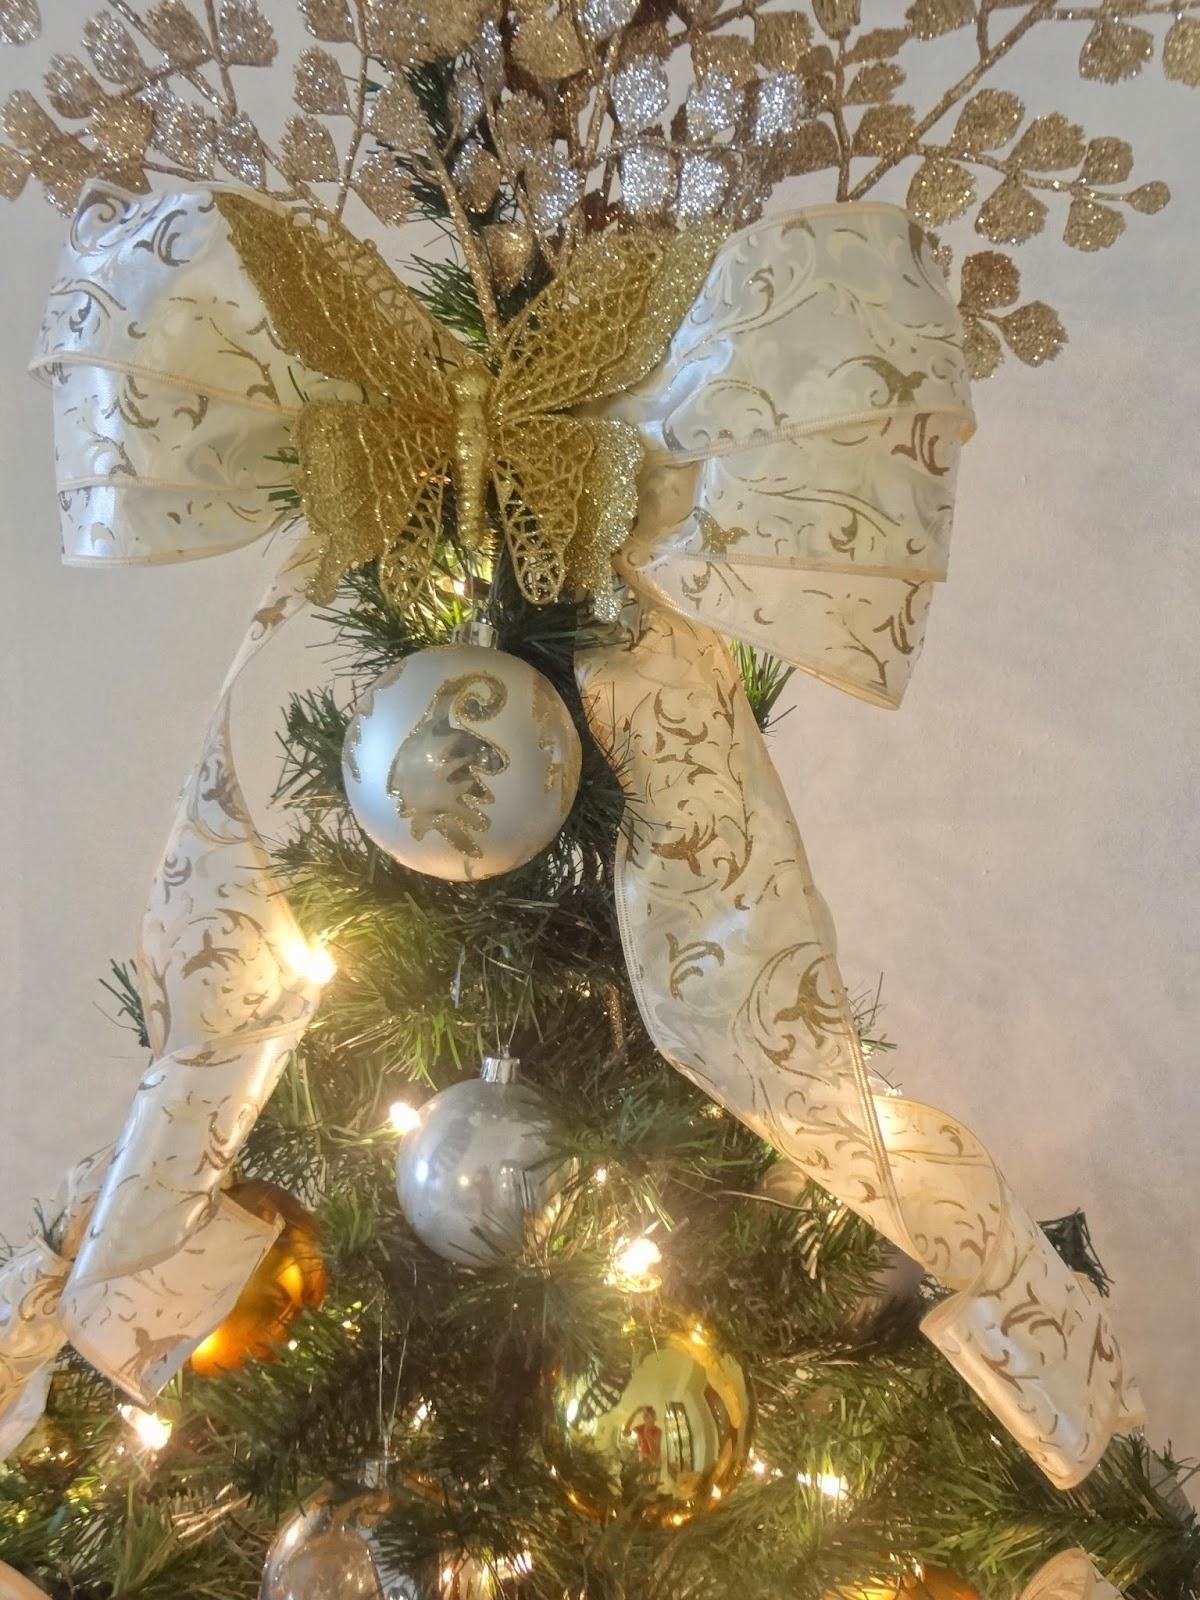 decoracao arvore de natal vermelha e dourada:Resolvi brincar com alguns filtros da minha máquina..rs.adorei